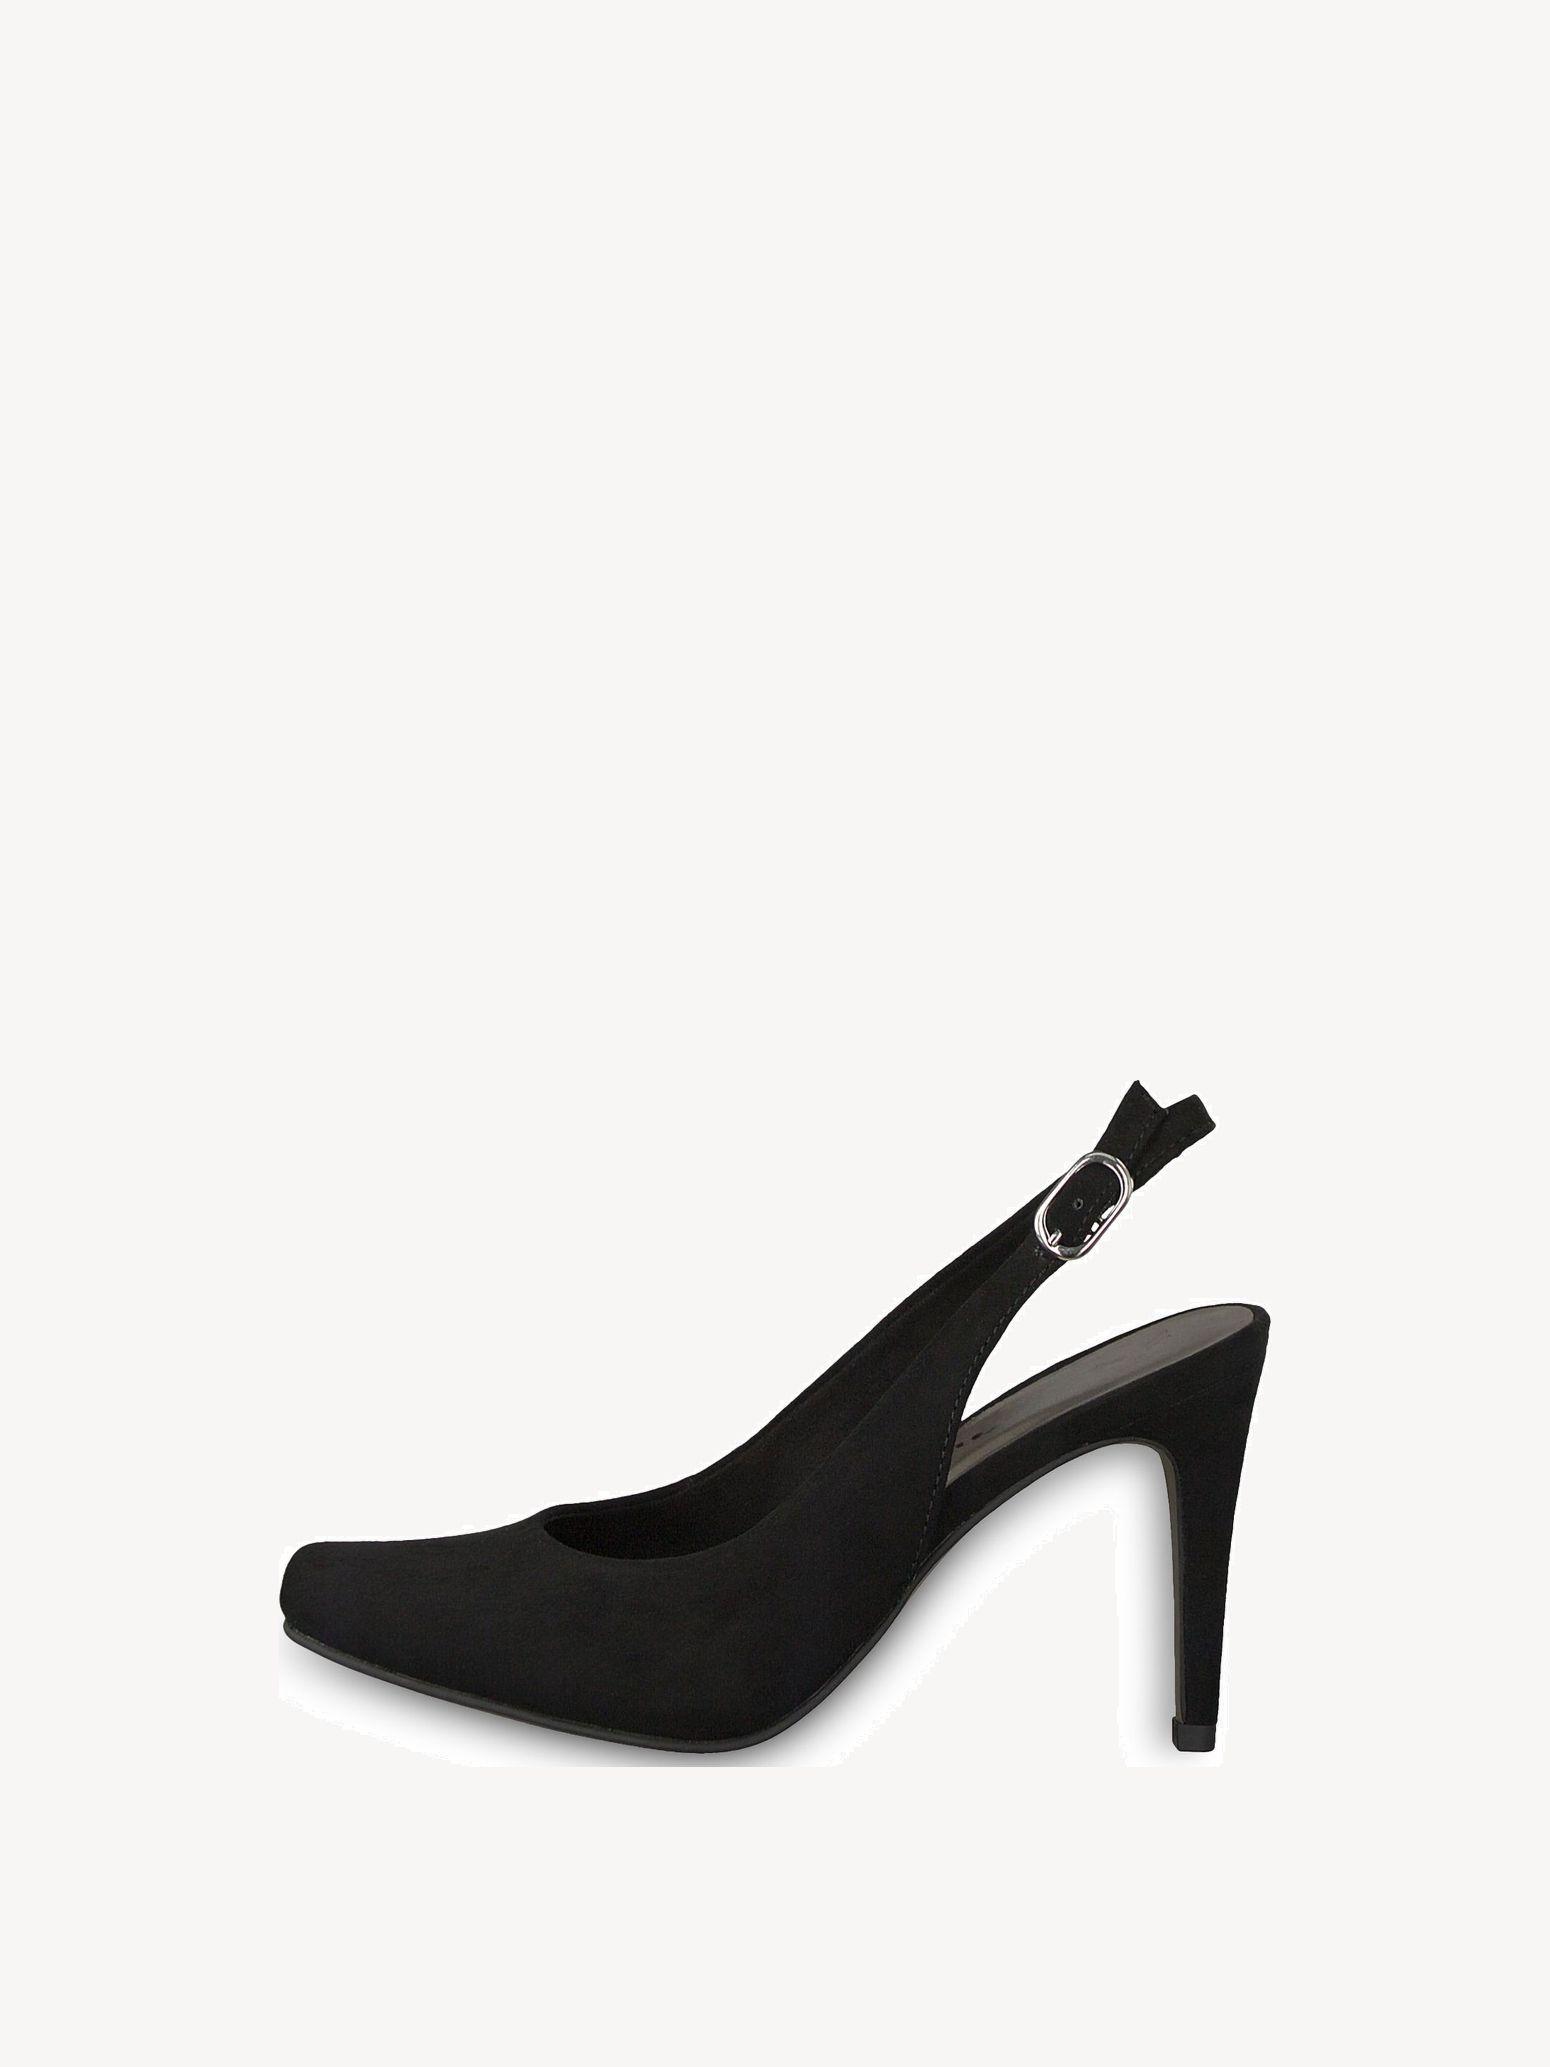 Escarpin Tamaris 29614 noir, chaussure femme Noir Noir